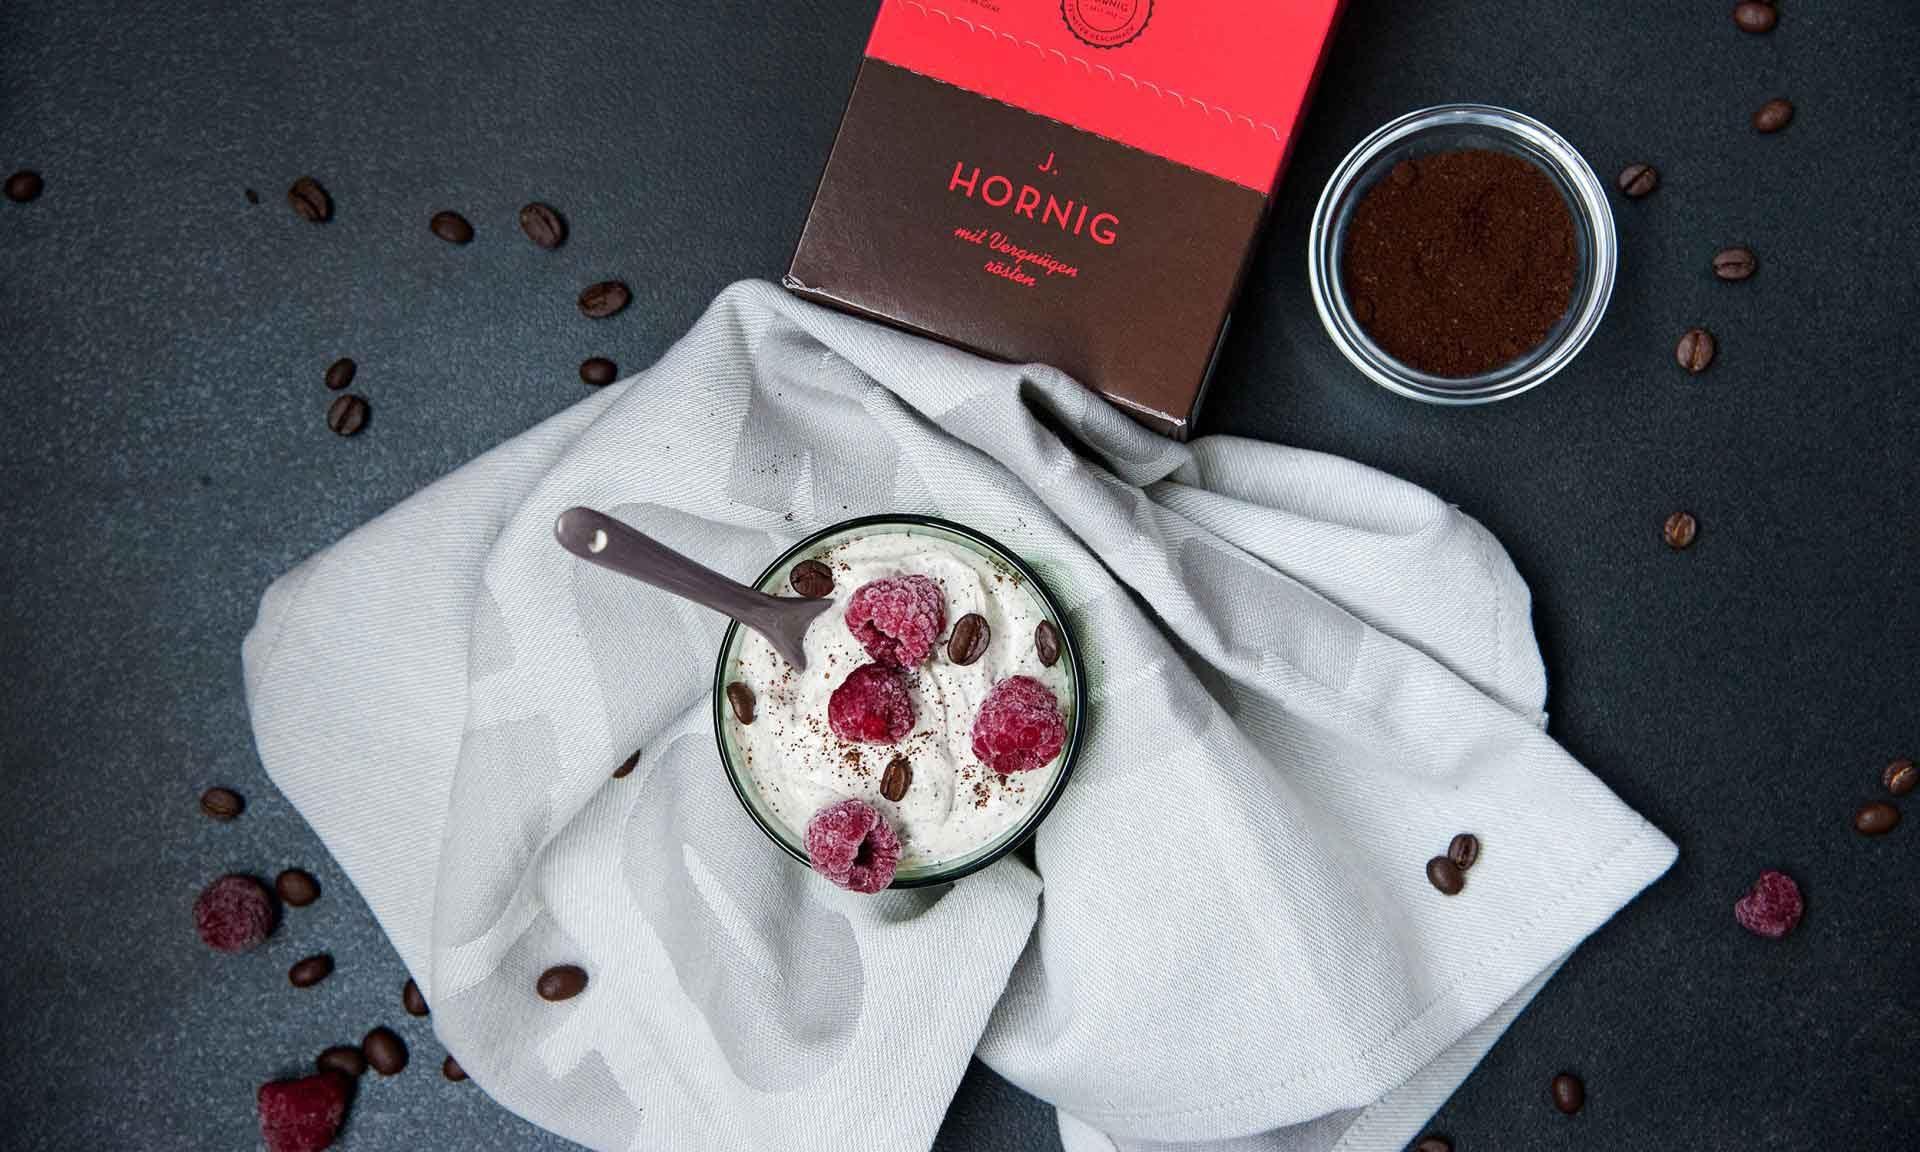 Kaffee-Joghurt mit Himbeeren | J. Hornig